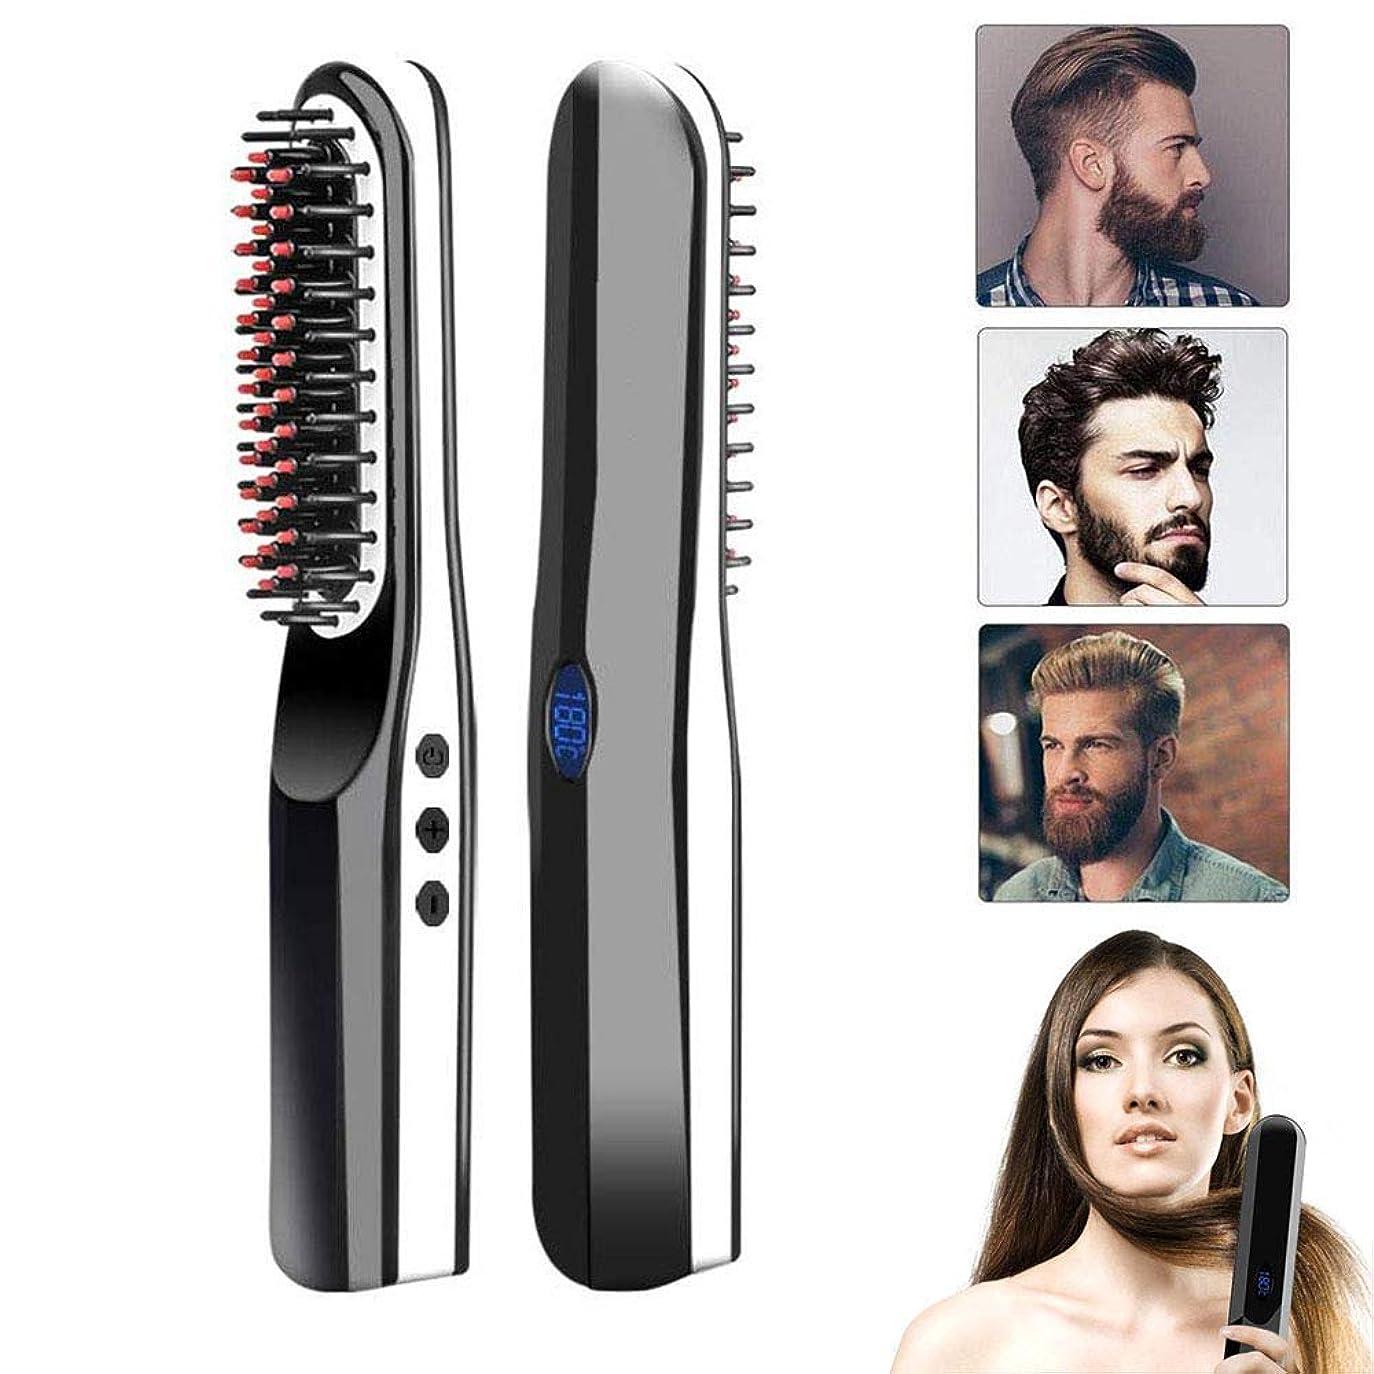 エアコン規模トリプルコードレスアンチスカルド自動で毛矯正ブラシ旅行/家、男性の女性のための1の2つの多機能の毛の櫛のカーリングアイロン